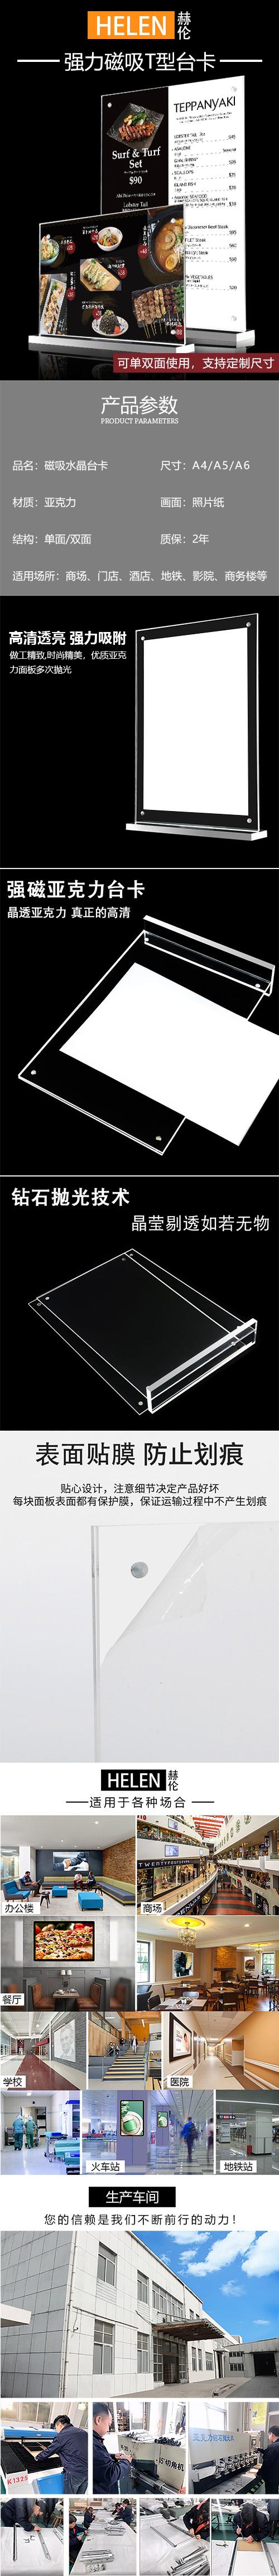 水晶台卡中文